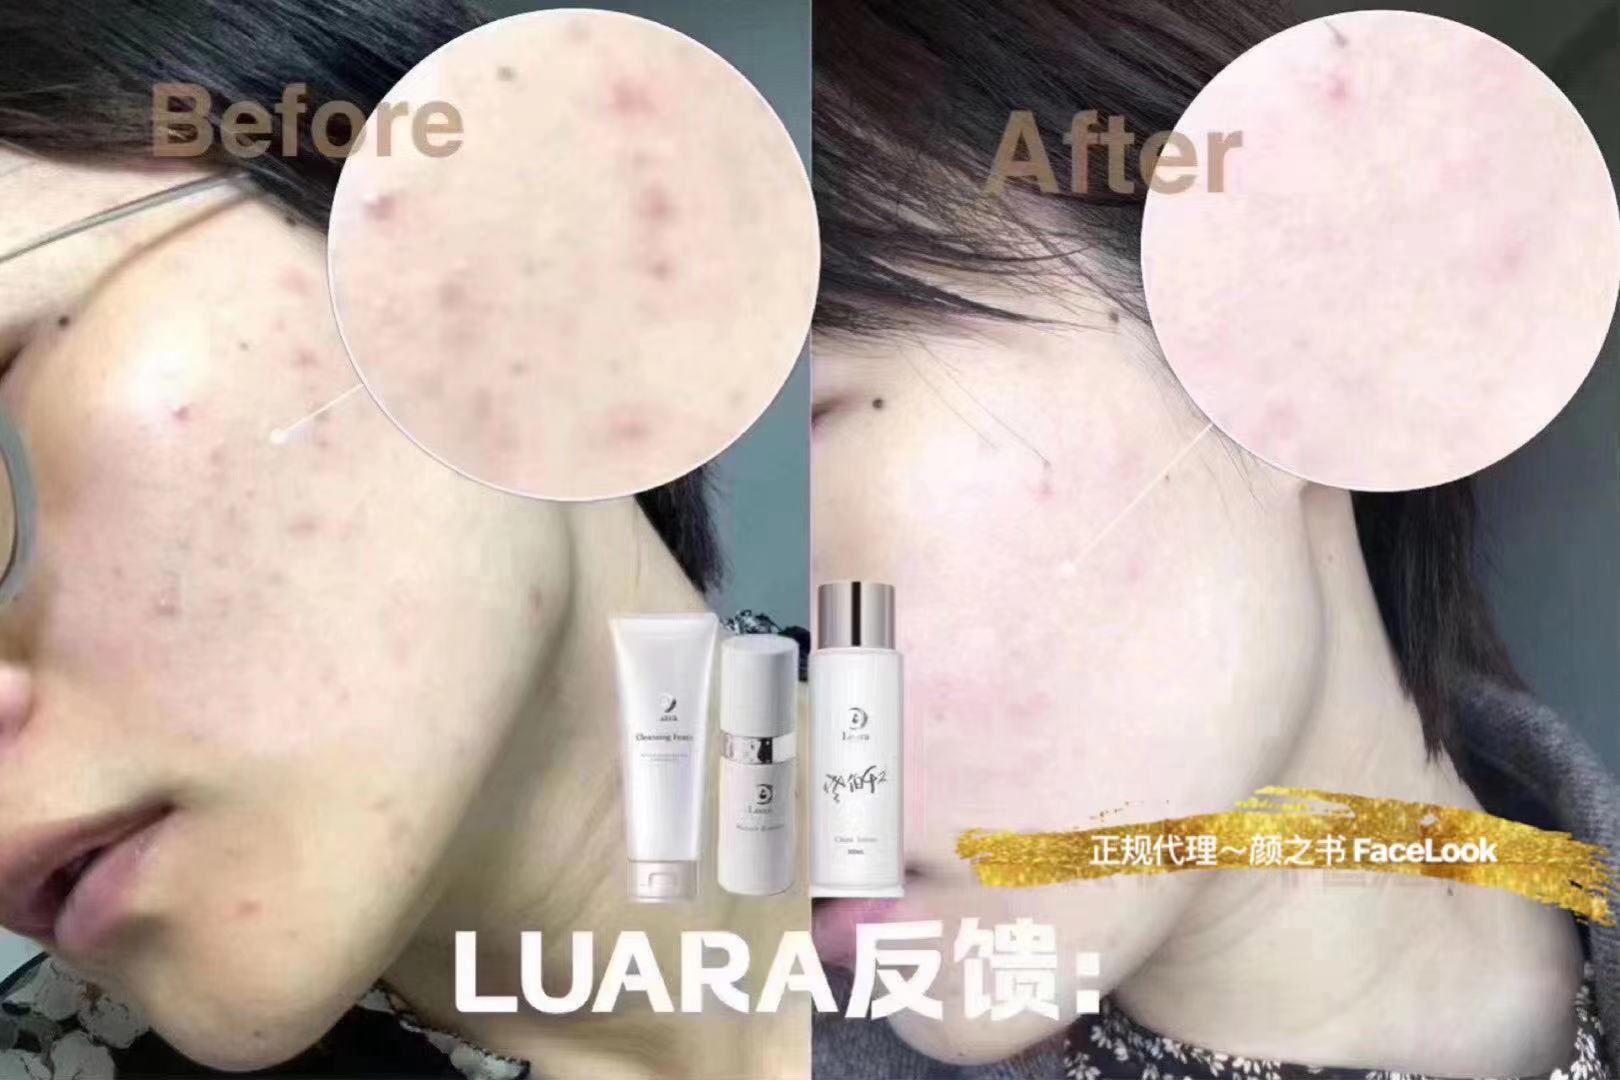 日本院线护肤品牌LUARA